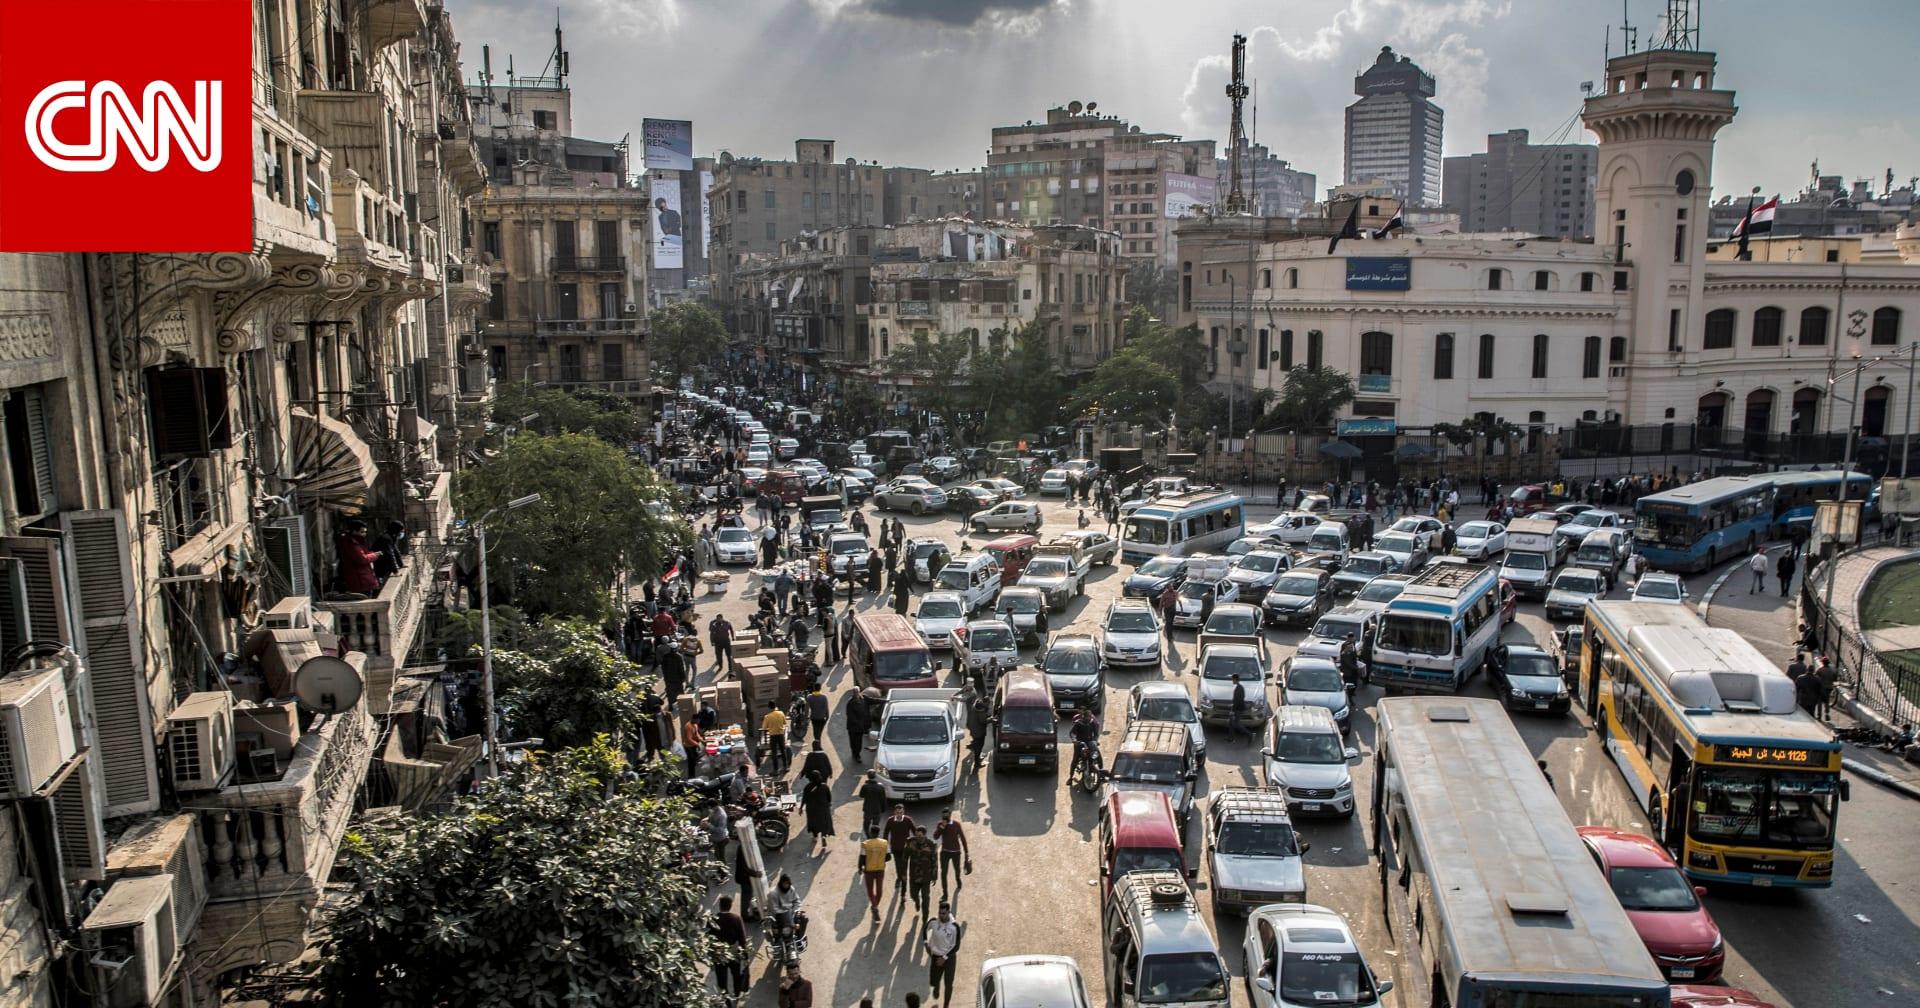 ما هي متطلبات سوق العمل المصري لعام 2021؟